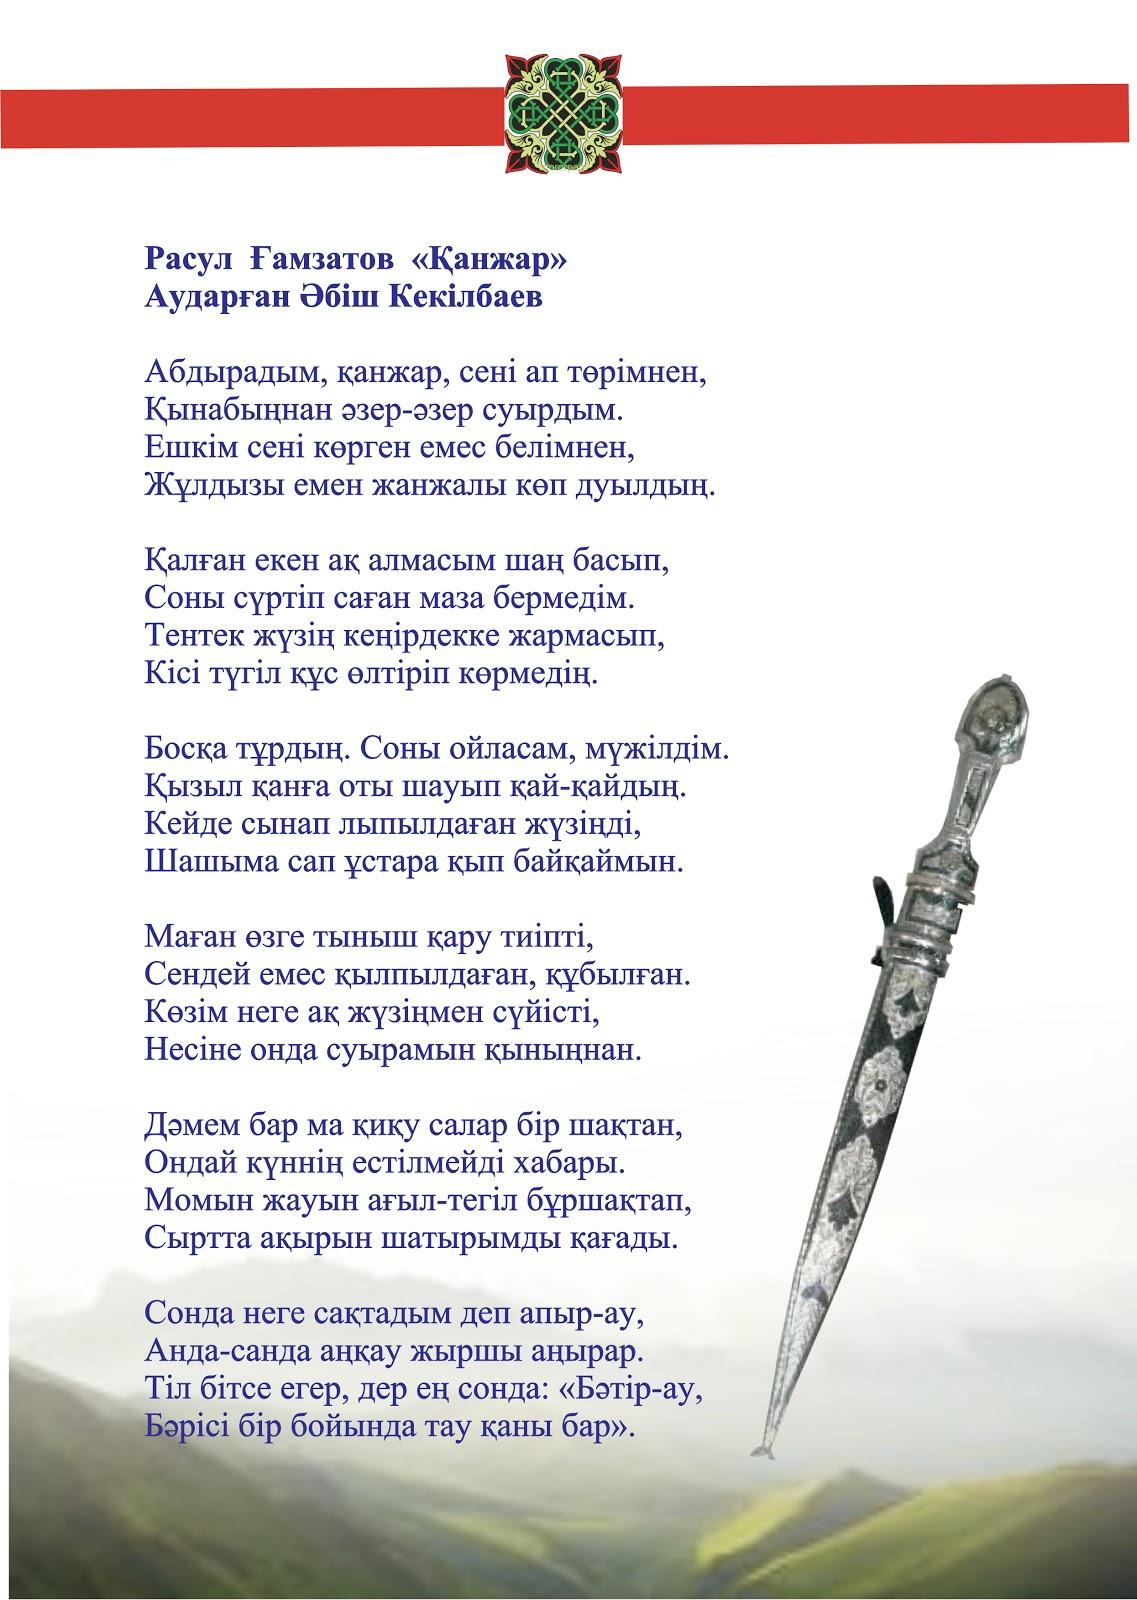 Стихотворение о родном языке на казахском языке